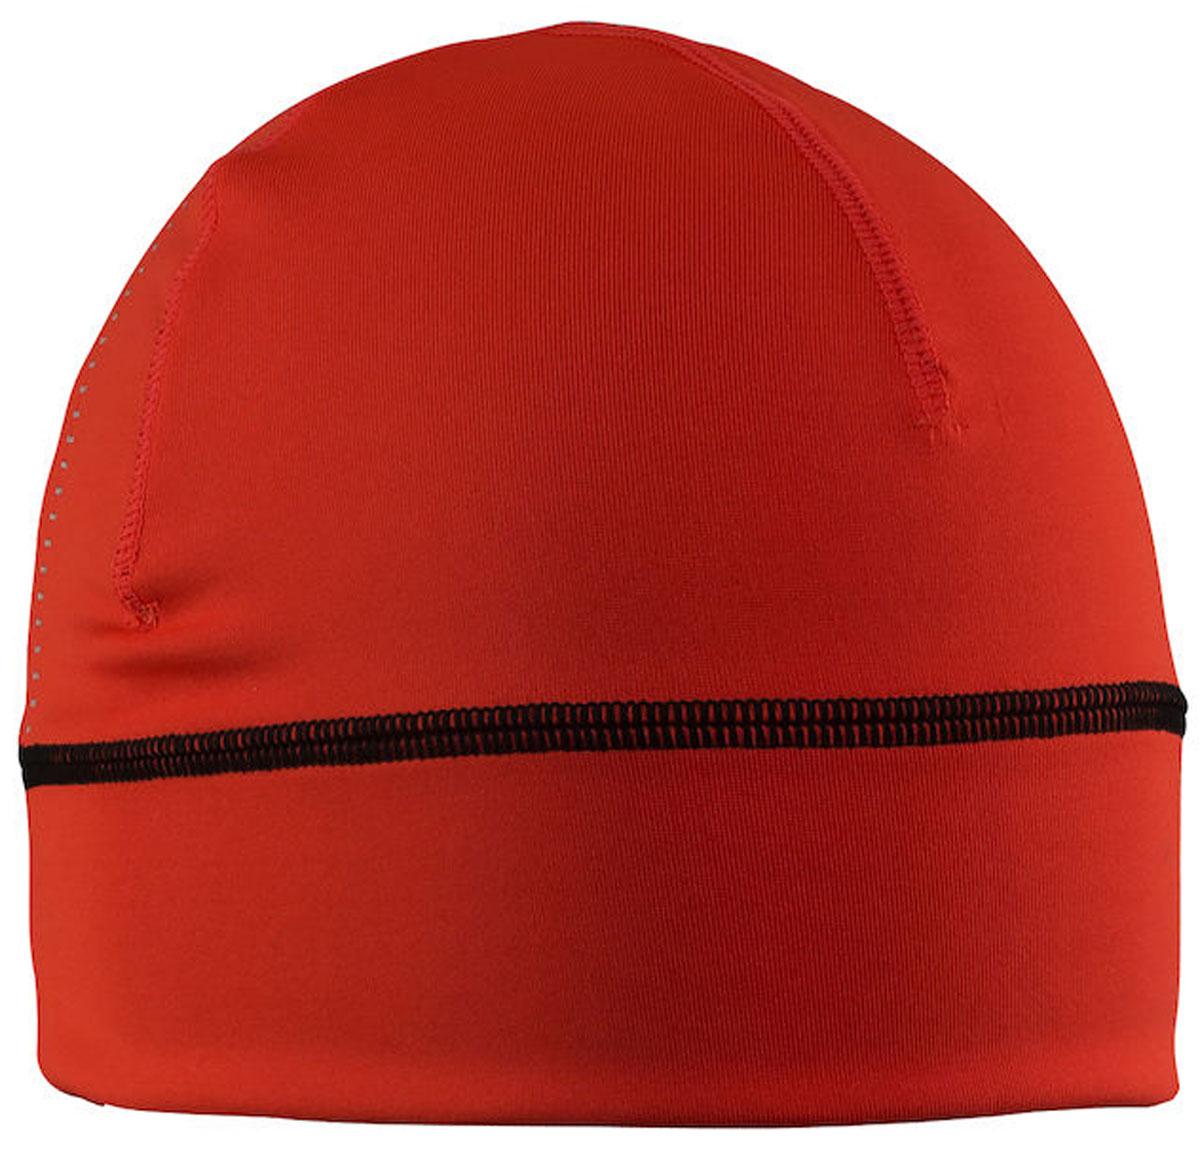 Шапка Craft Livigno, цвет: красный. 1904564/2566. Размер L/XL (58)1904564/2566Легкая проветриваемая шапка Livigno от Craft Спорт выполнена из эластичного материала. Модель отлично подойдет для активного отдыха и занятий спортом.